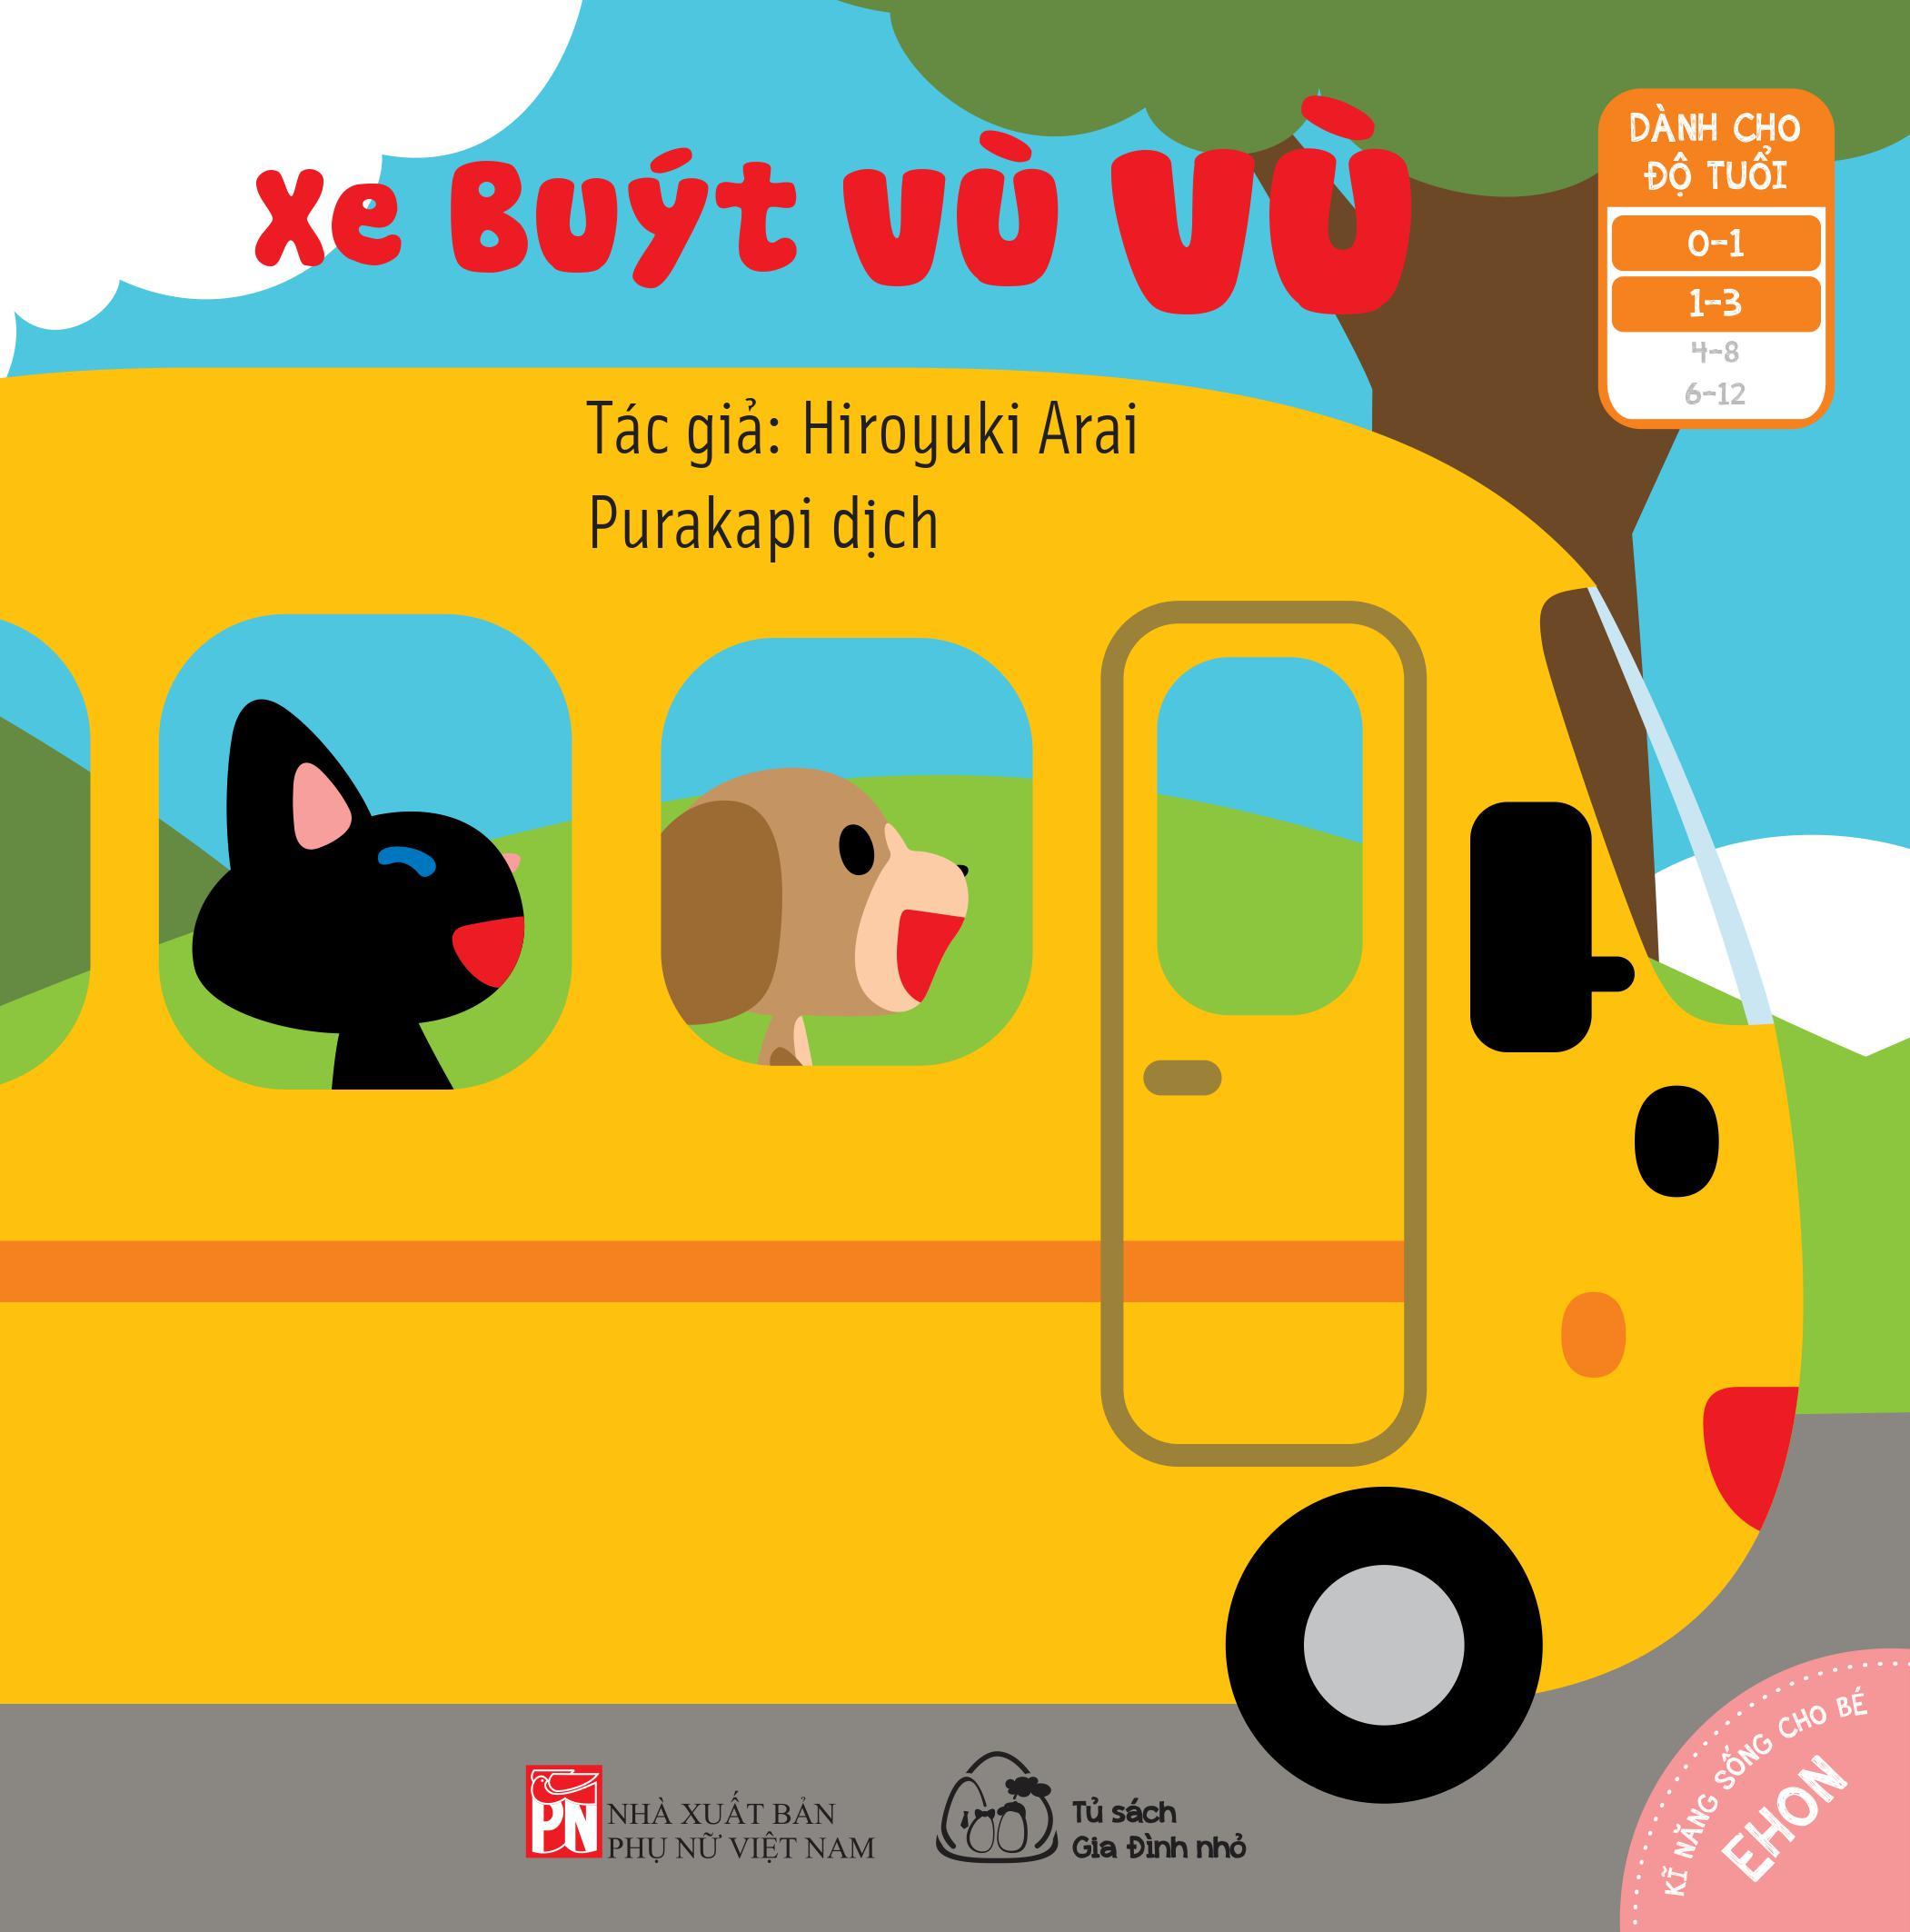 """Bộ 03 cuốn sách Ehon Nhật Bản """"Những mảng màu đẹp"""": Huỵch! Bộp! Ghì chặt + Xe buýt vù vù + Bánh xe lăn tròn"""